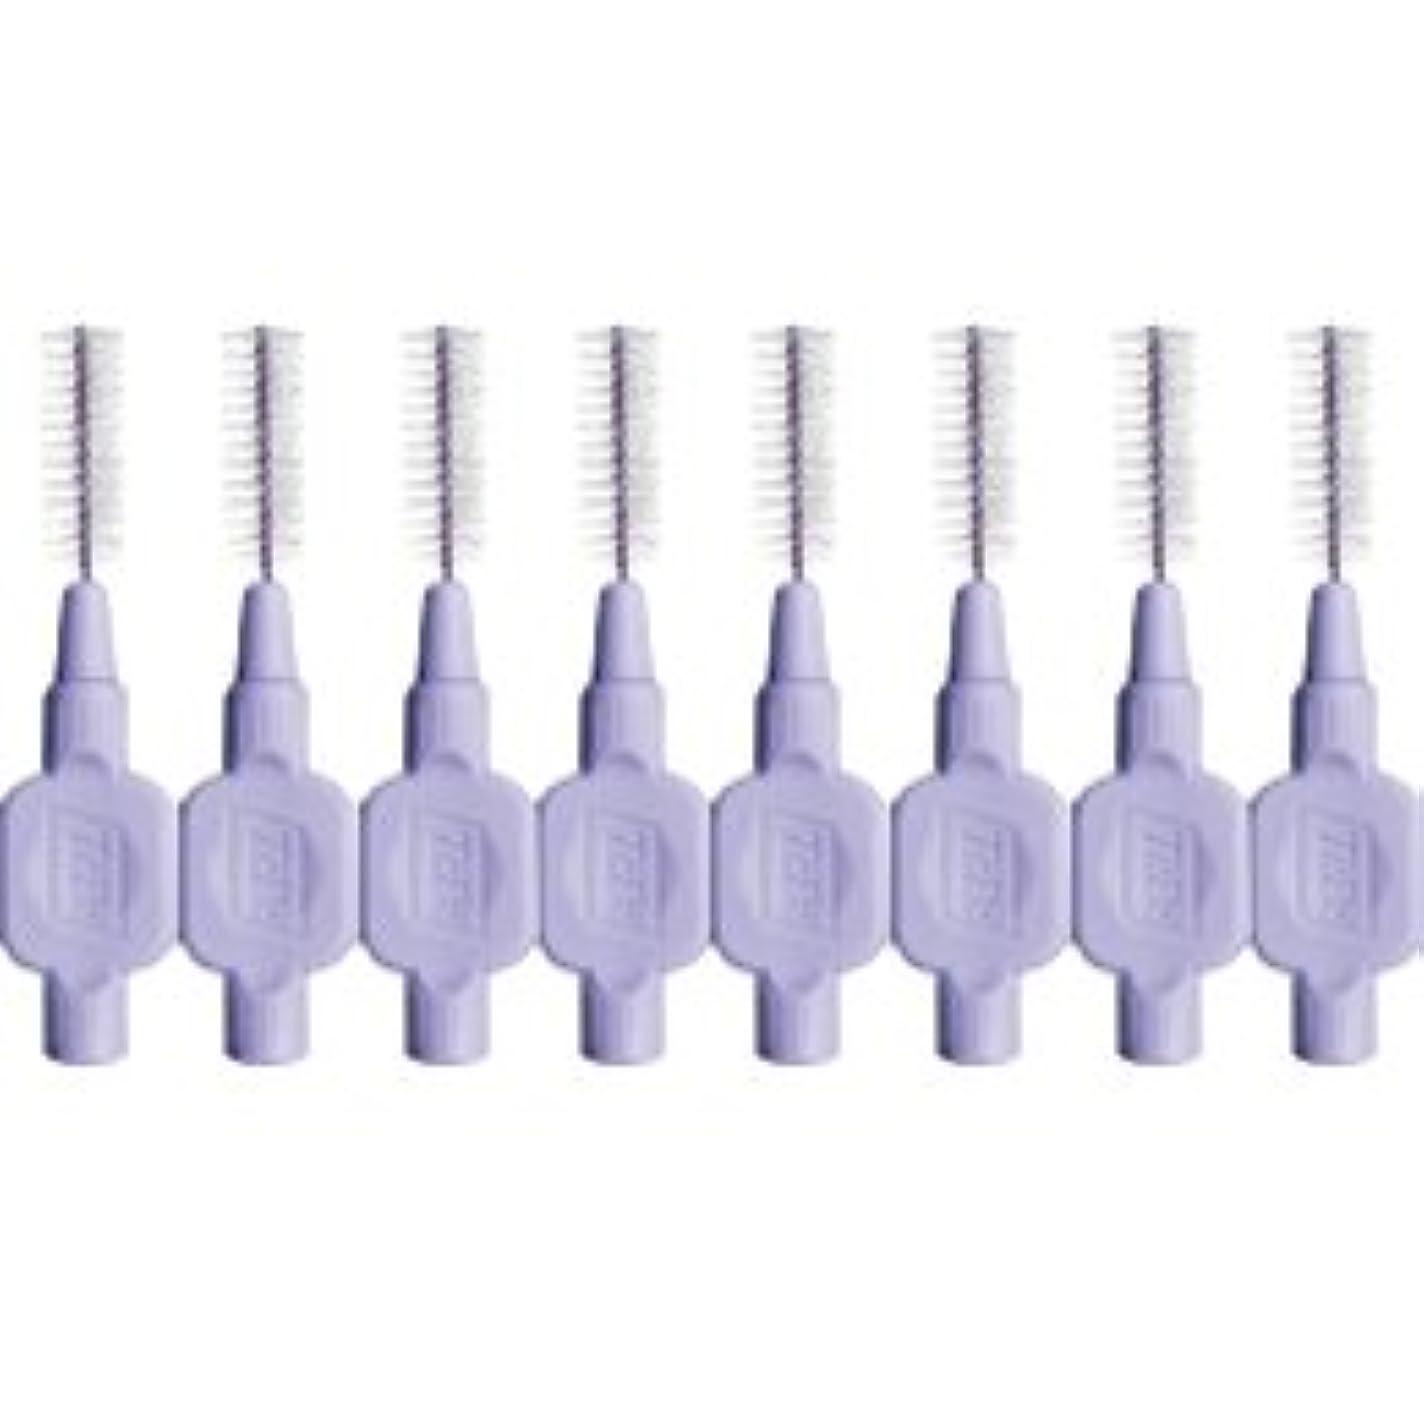 タクト良心リムテペ エクストラソフト 歯間ブラシ 8本入 パープル 1.1mm